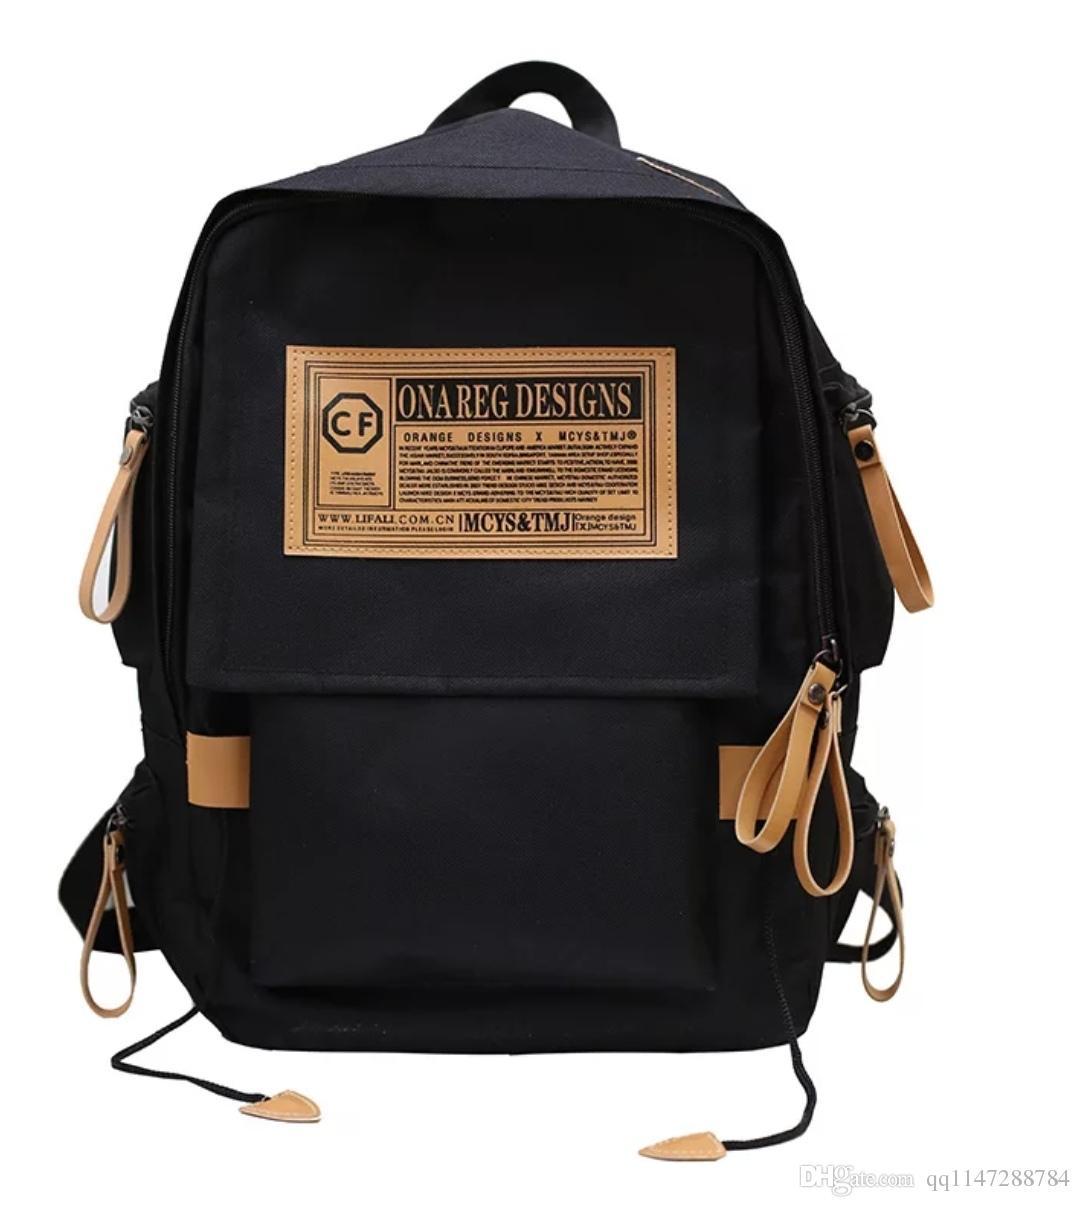 048249542859d Canvas koreanische Version Umhängetasche Freizeit große Kapazität  Reisetasche